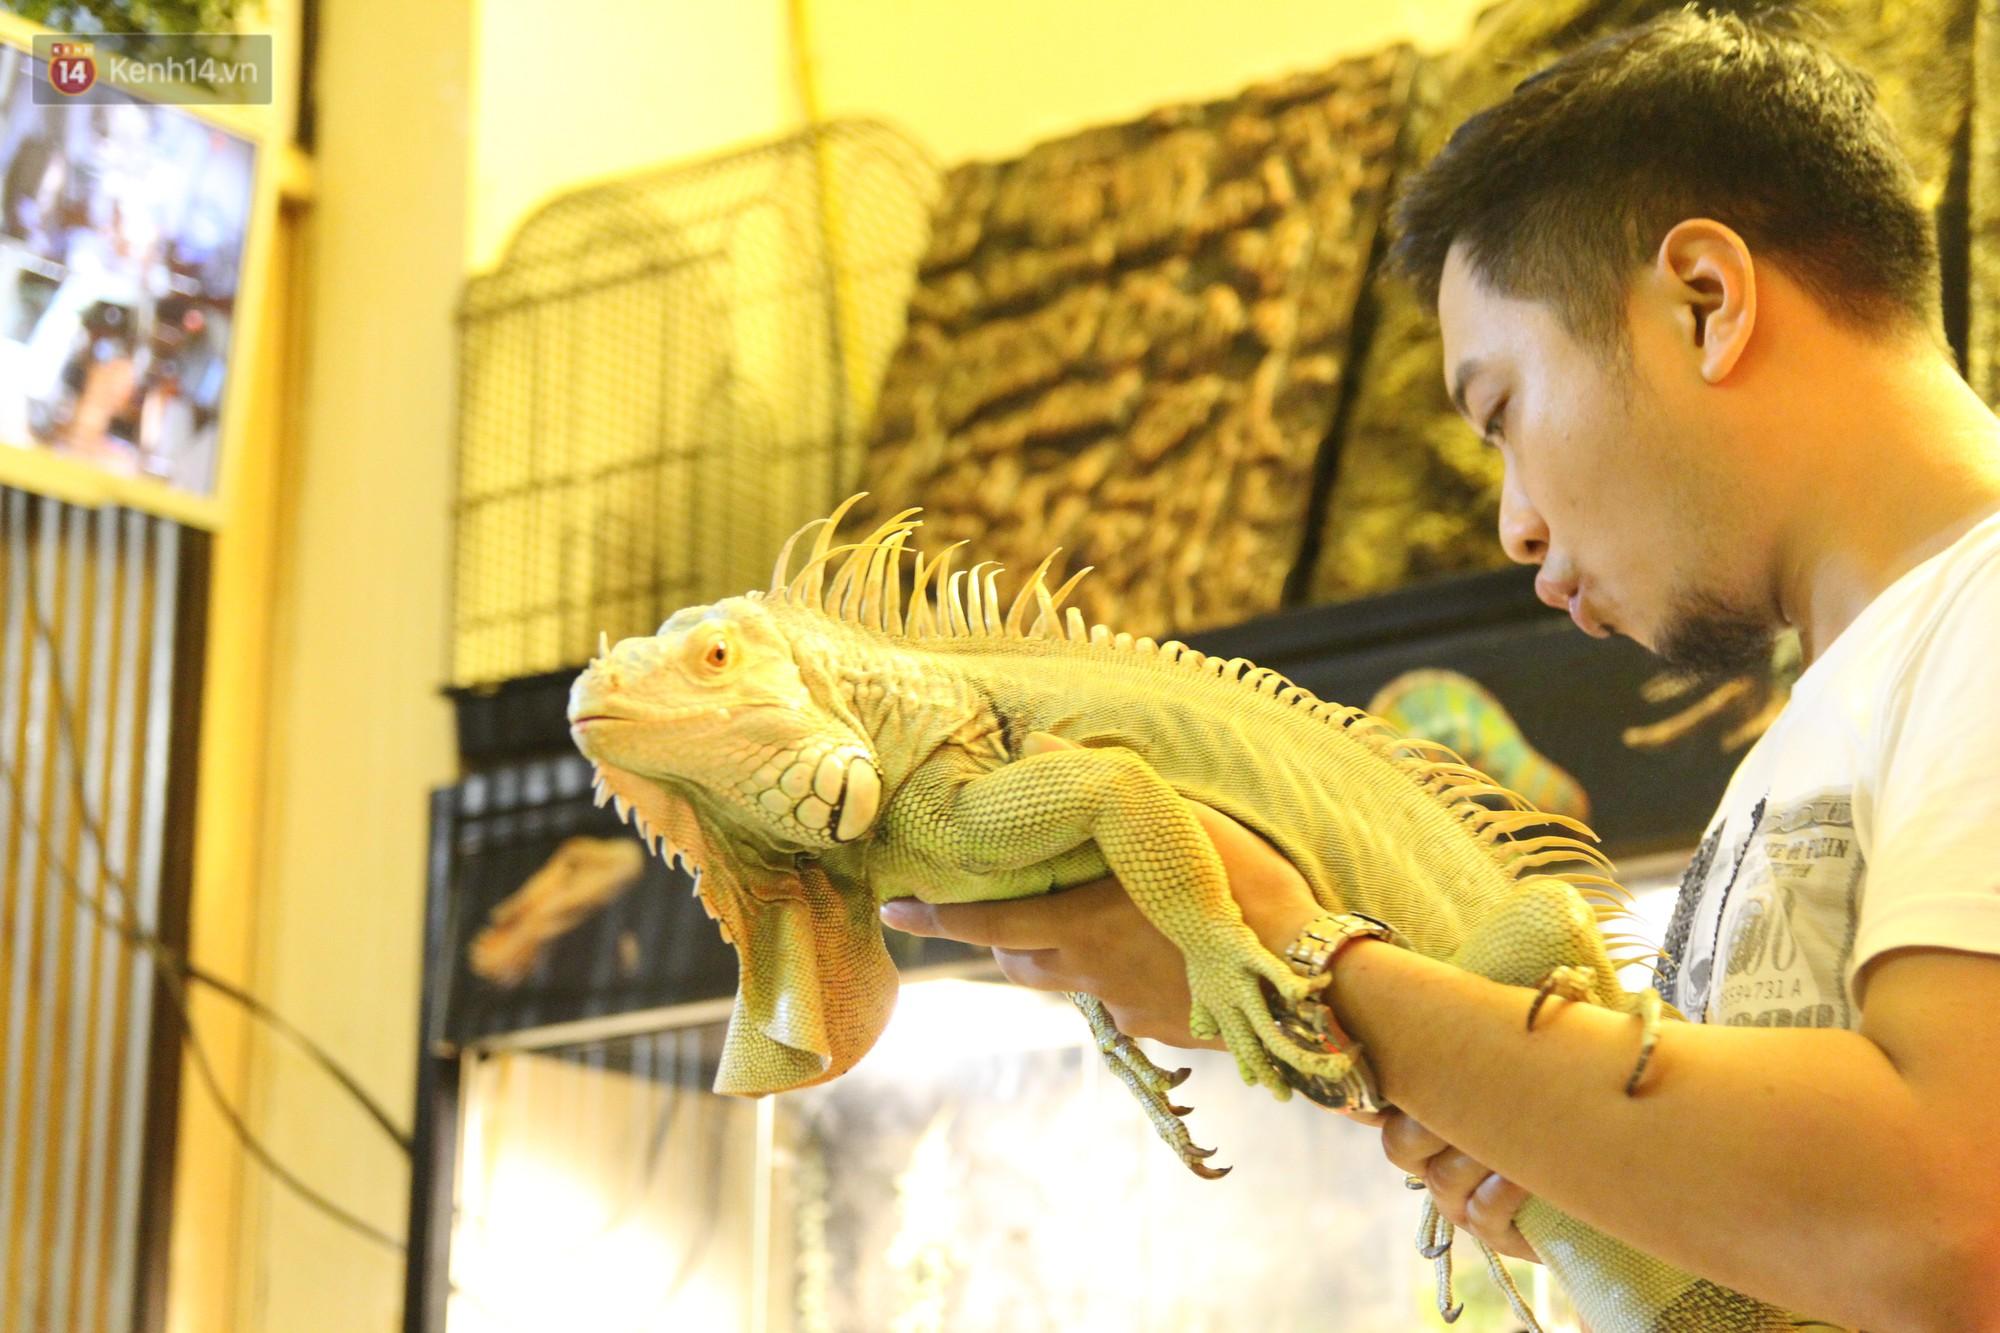 Ông bố trẻ ở Hà Nội và bộ sưu tập những con vật nhìn thôi đã sợ: Đủ các loài rắn, nhện, ếch cho đến rồng đất - Ảnh 2.